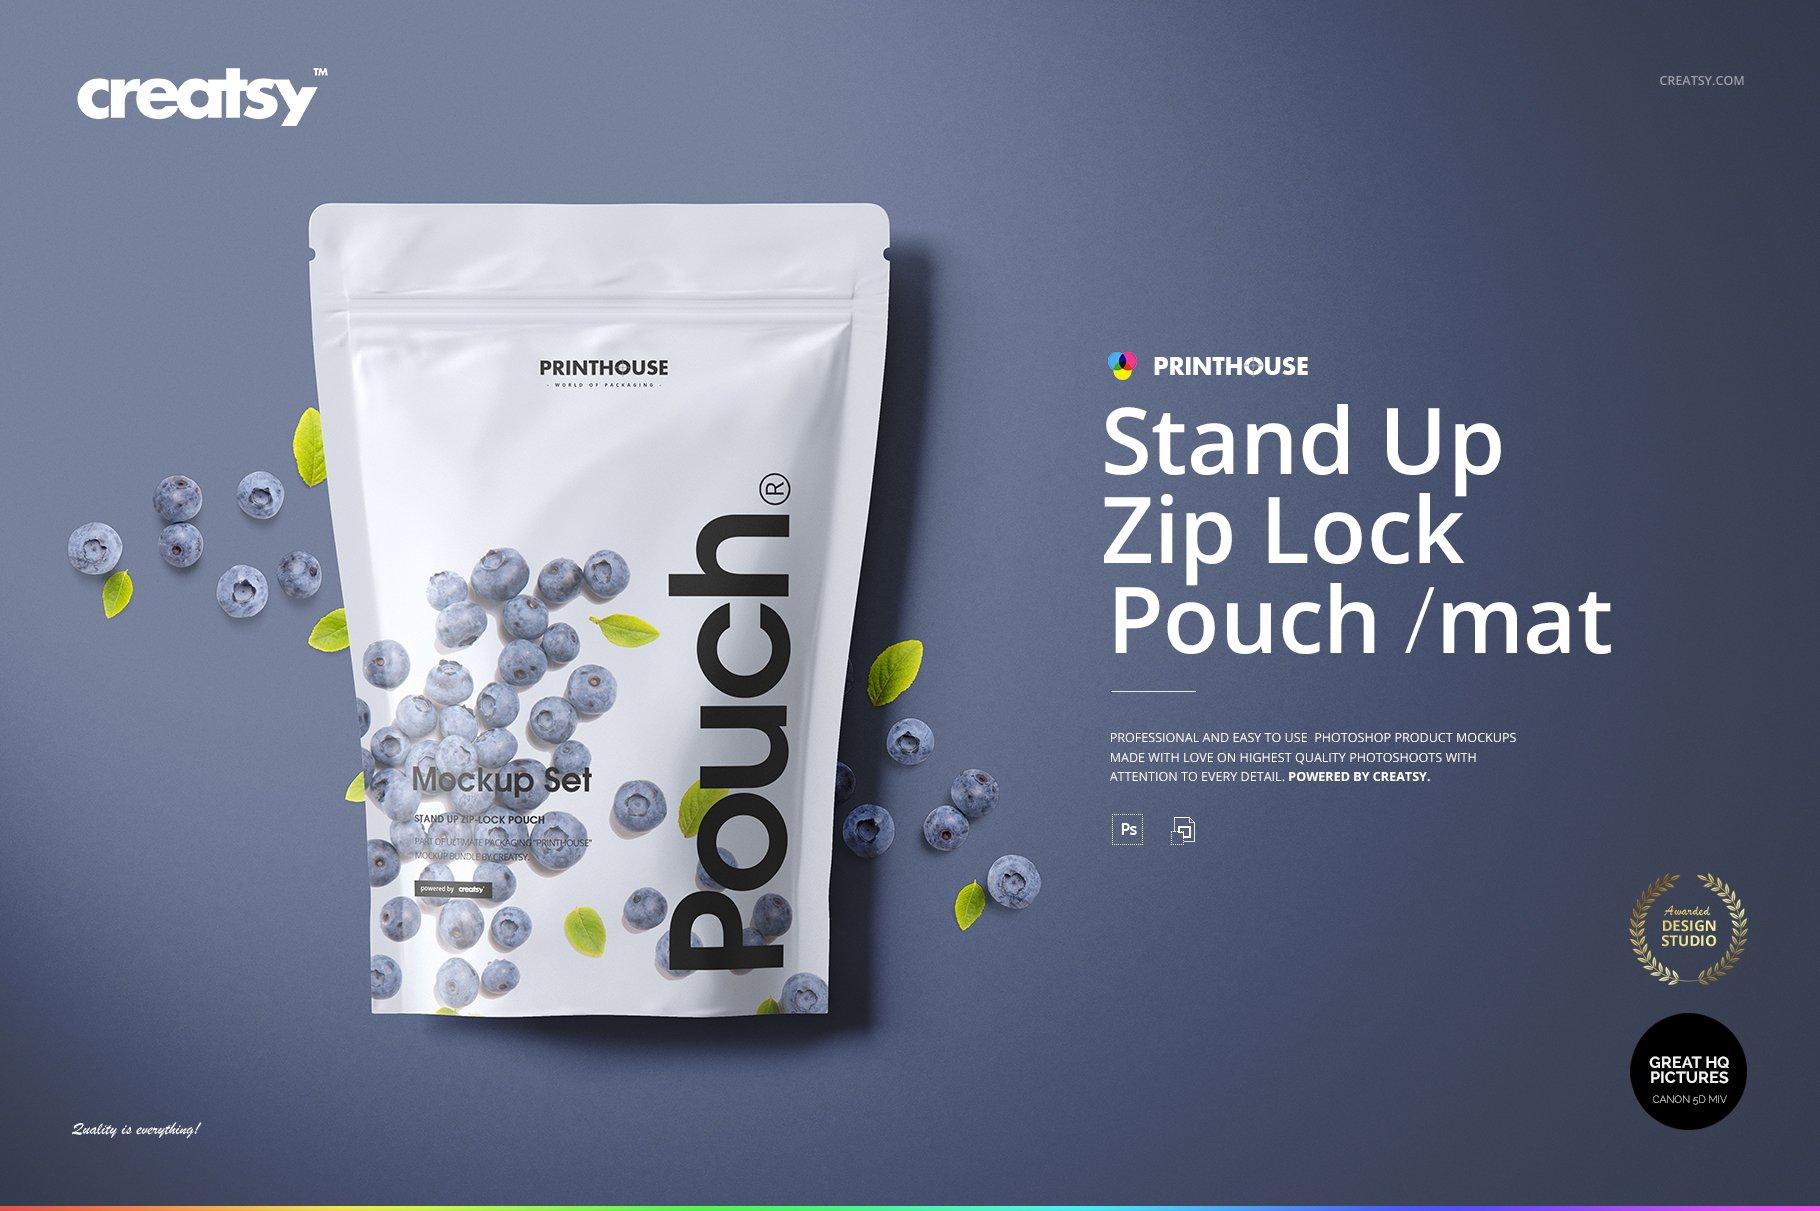 简约立式拉链锁食品自封袋塑料袋设计展示样机合集 Stand Up Pouch (mat) Mockup Set插图